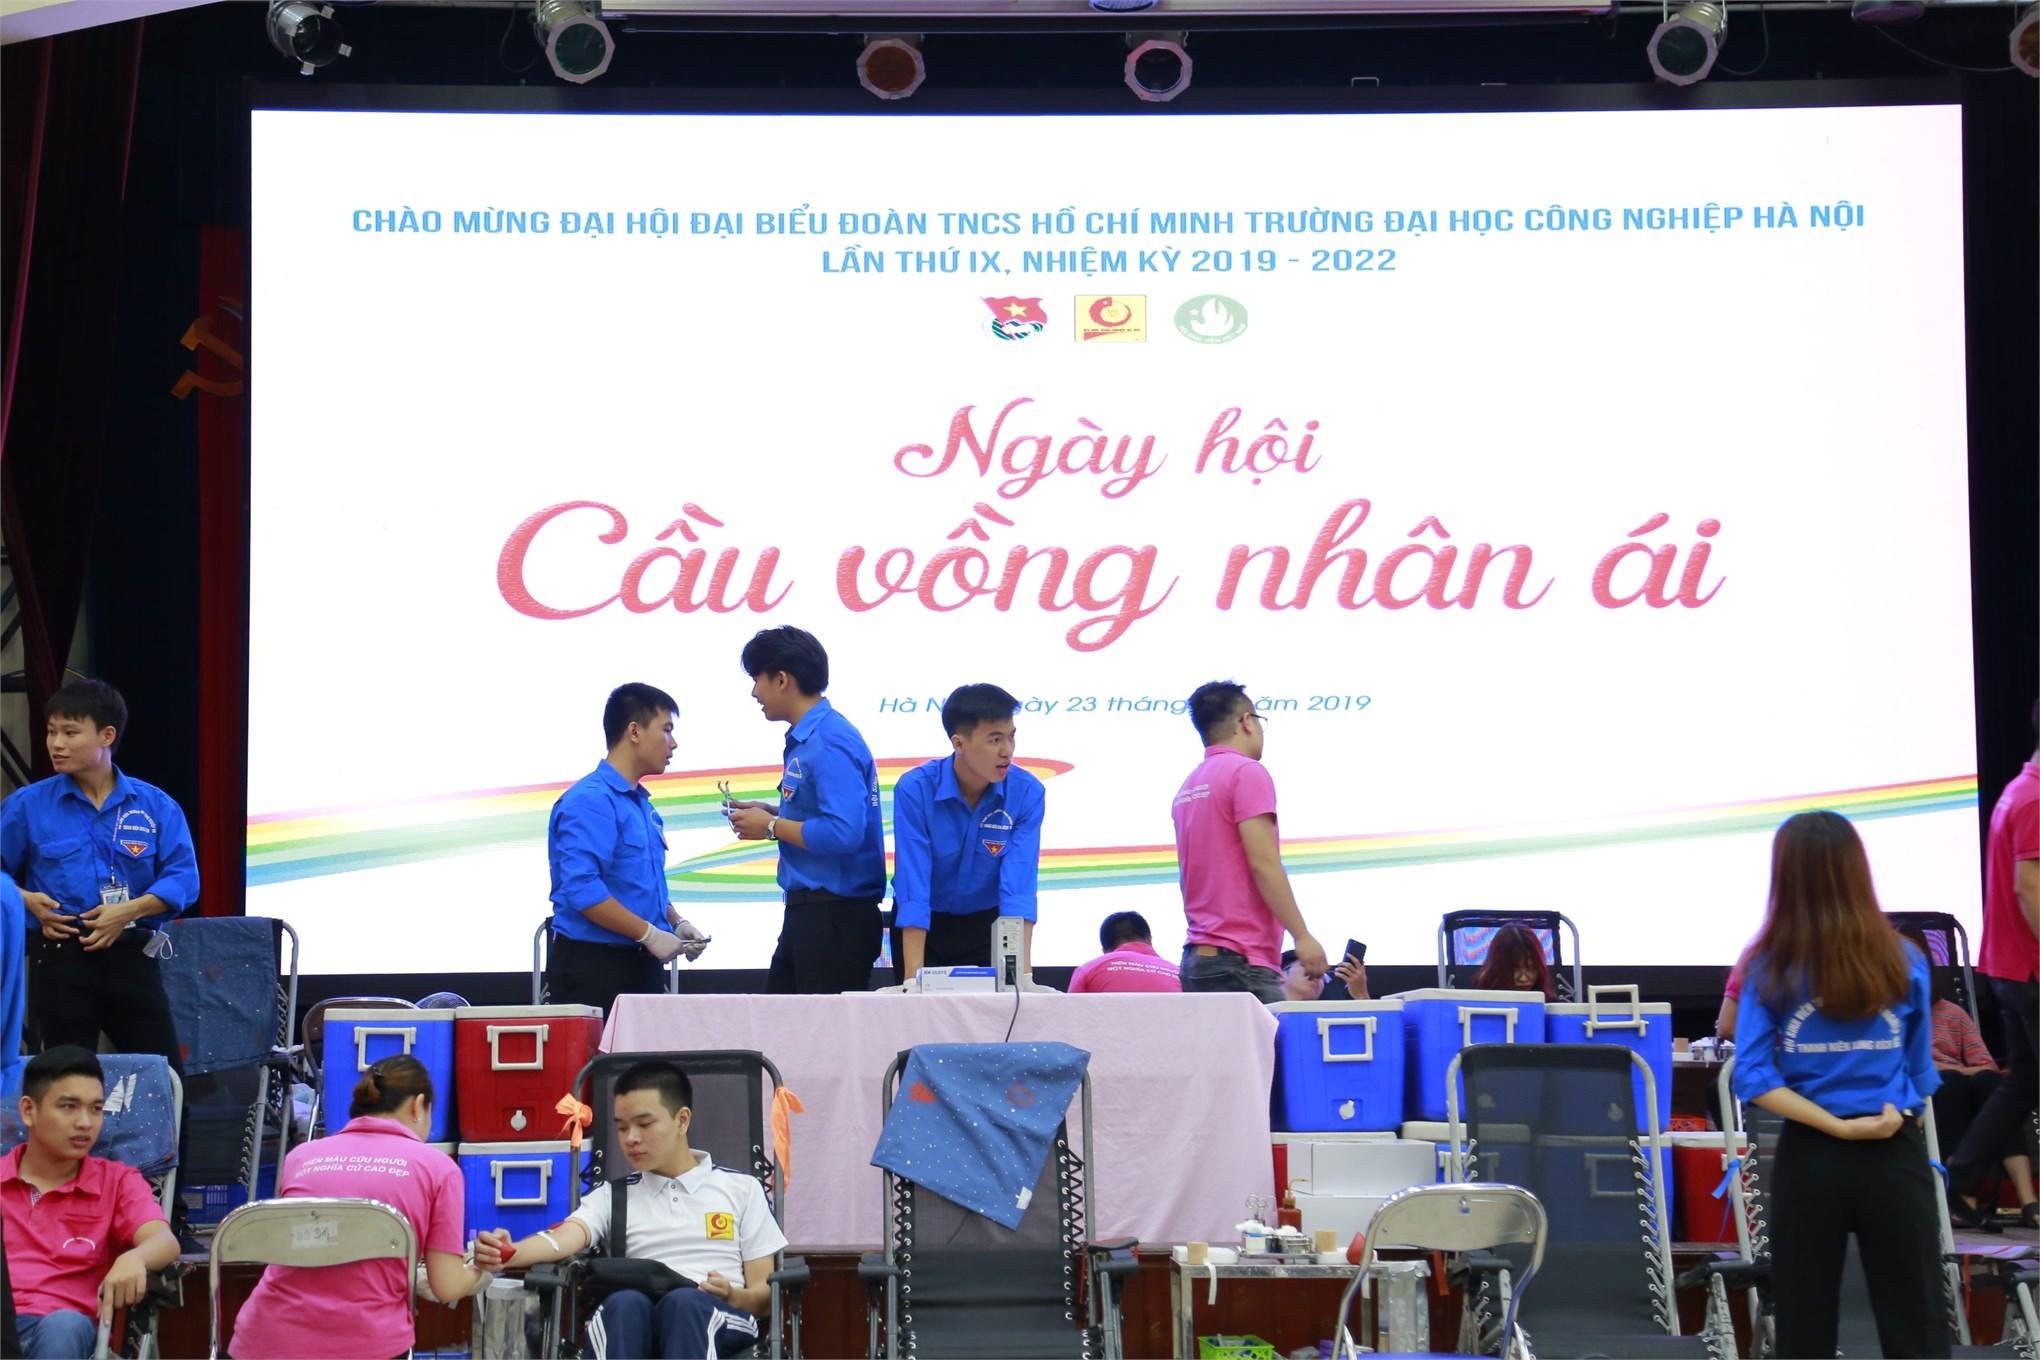 Đoàn viên thanh niên nhà trường tiếp tục hiến tặng 721 đơn vị máu tại Ngày hội Cầu vòng nhân ái năm 2019